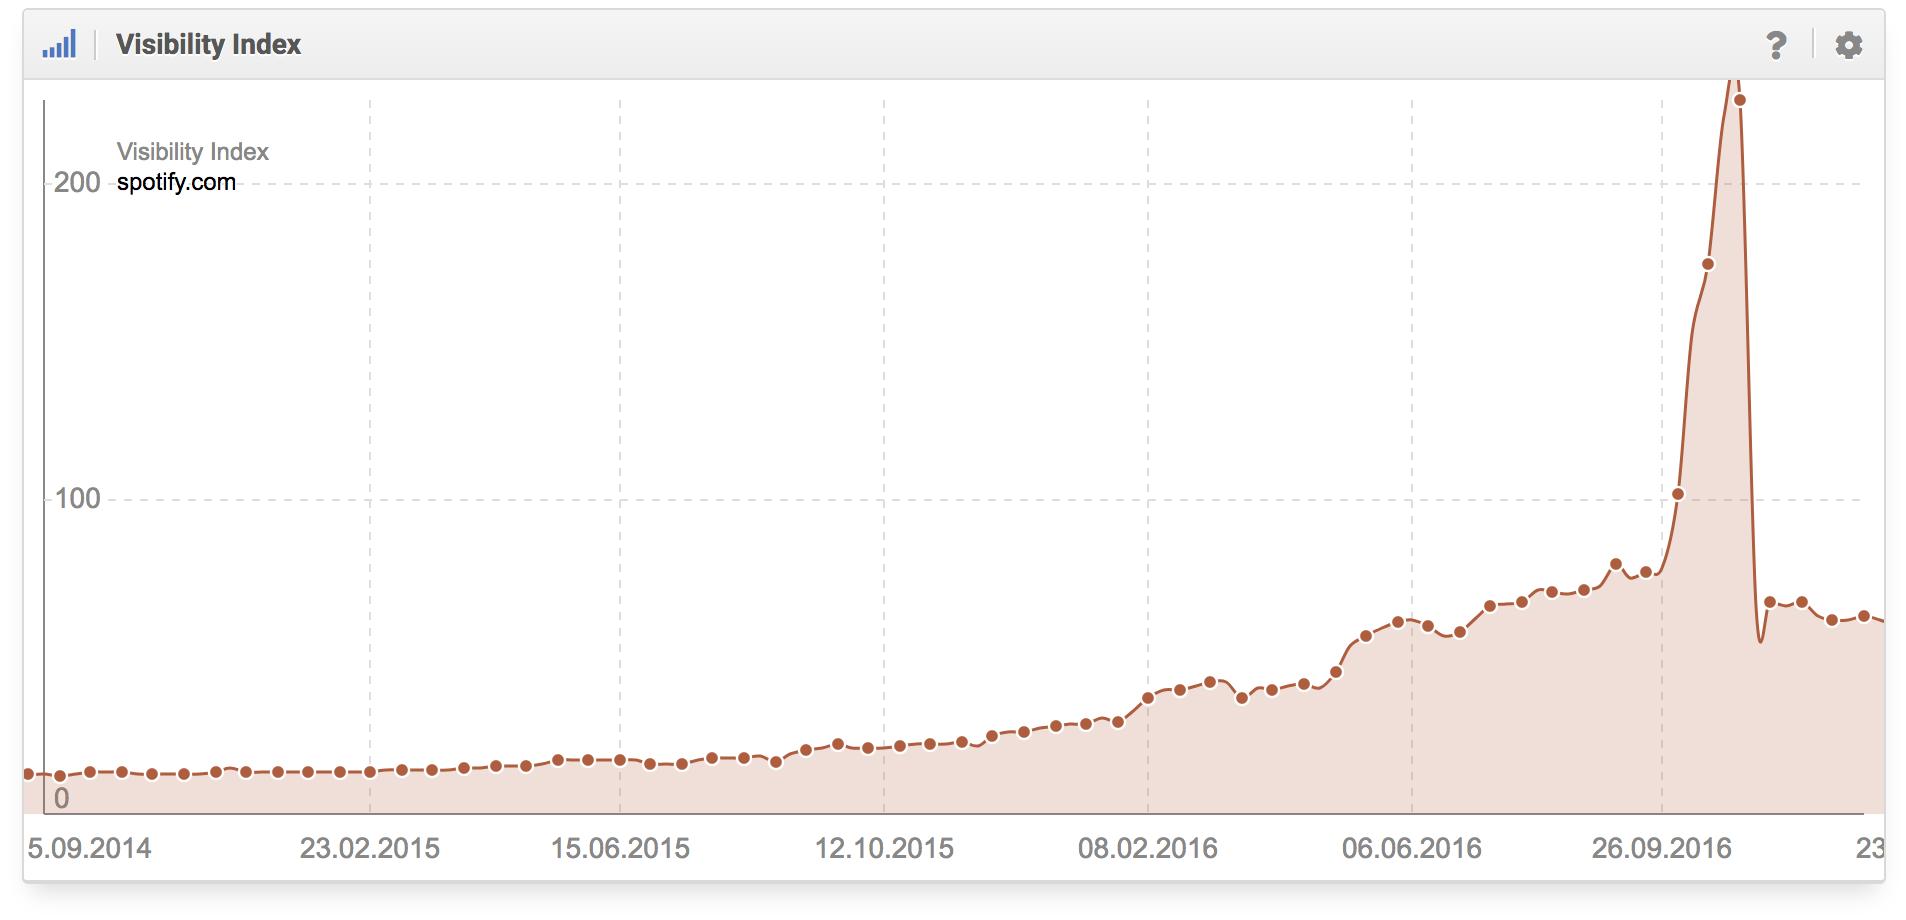 Histórico del índice de visibilidad de un dominio que deja claro que el cloaking es una mala idea y que Google reacciona más rápido de lo que se puede pensar